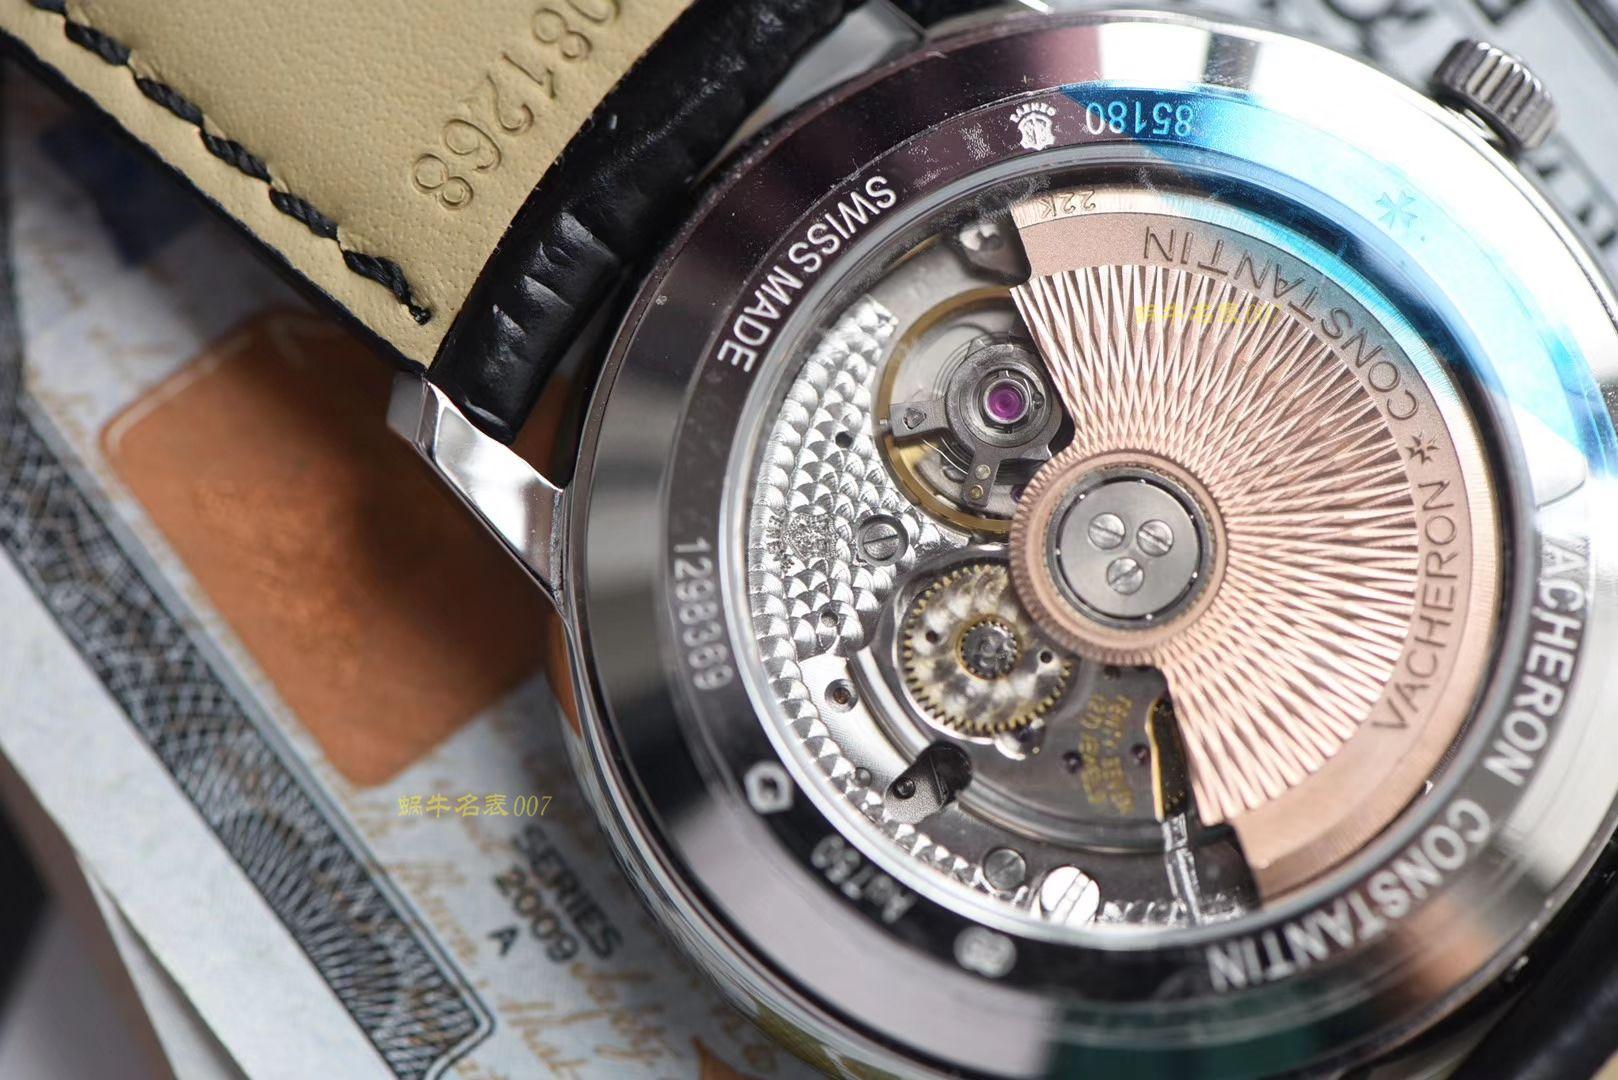 江诗丹顿传承系列85180/000G-9230腕表【台湾厂一比一高仿手表】